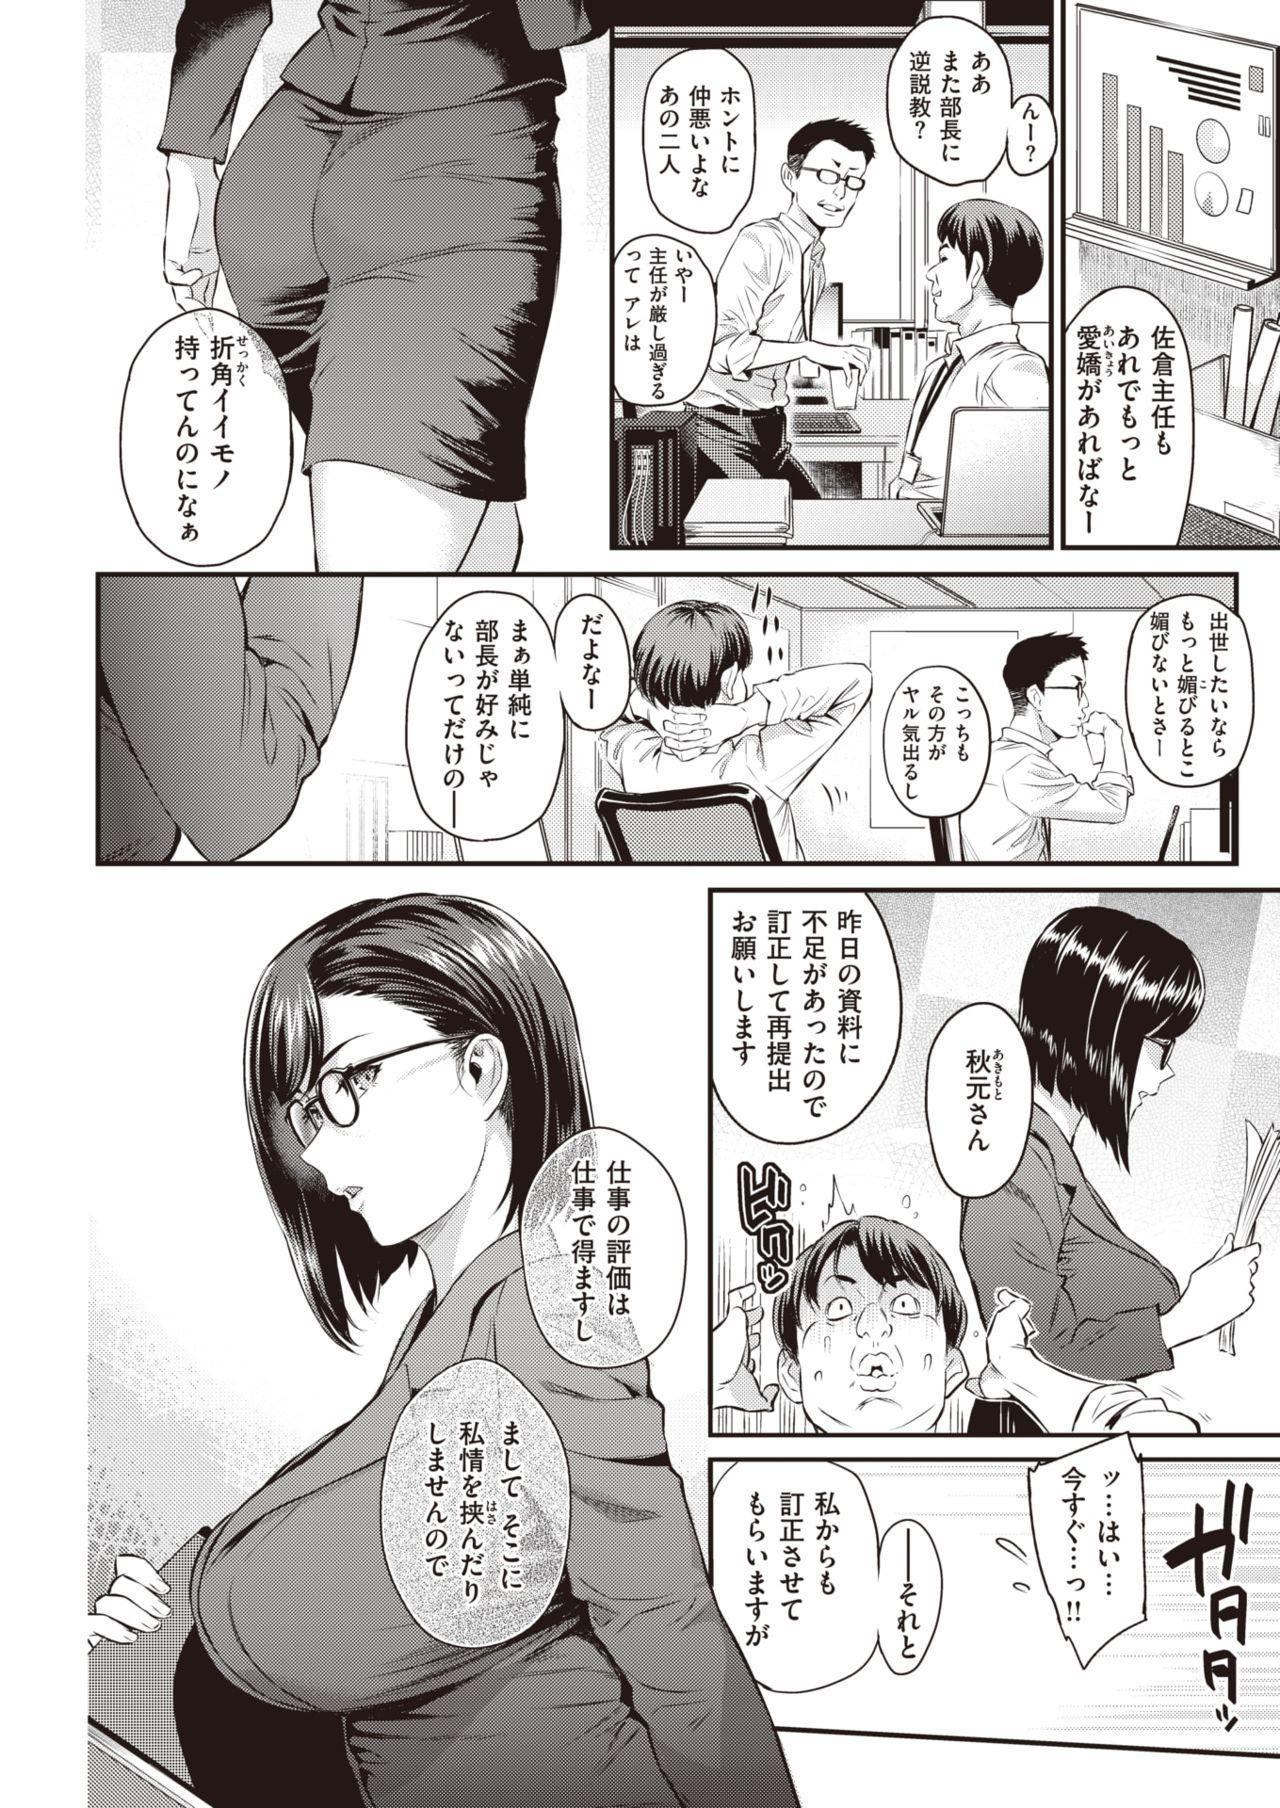 COMIC Shitsurakuten 2020-02 7